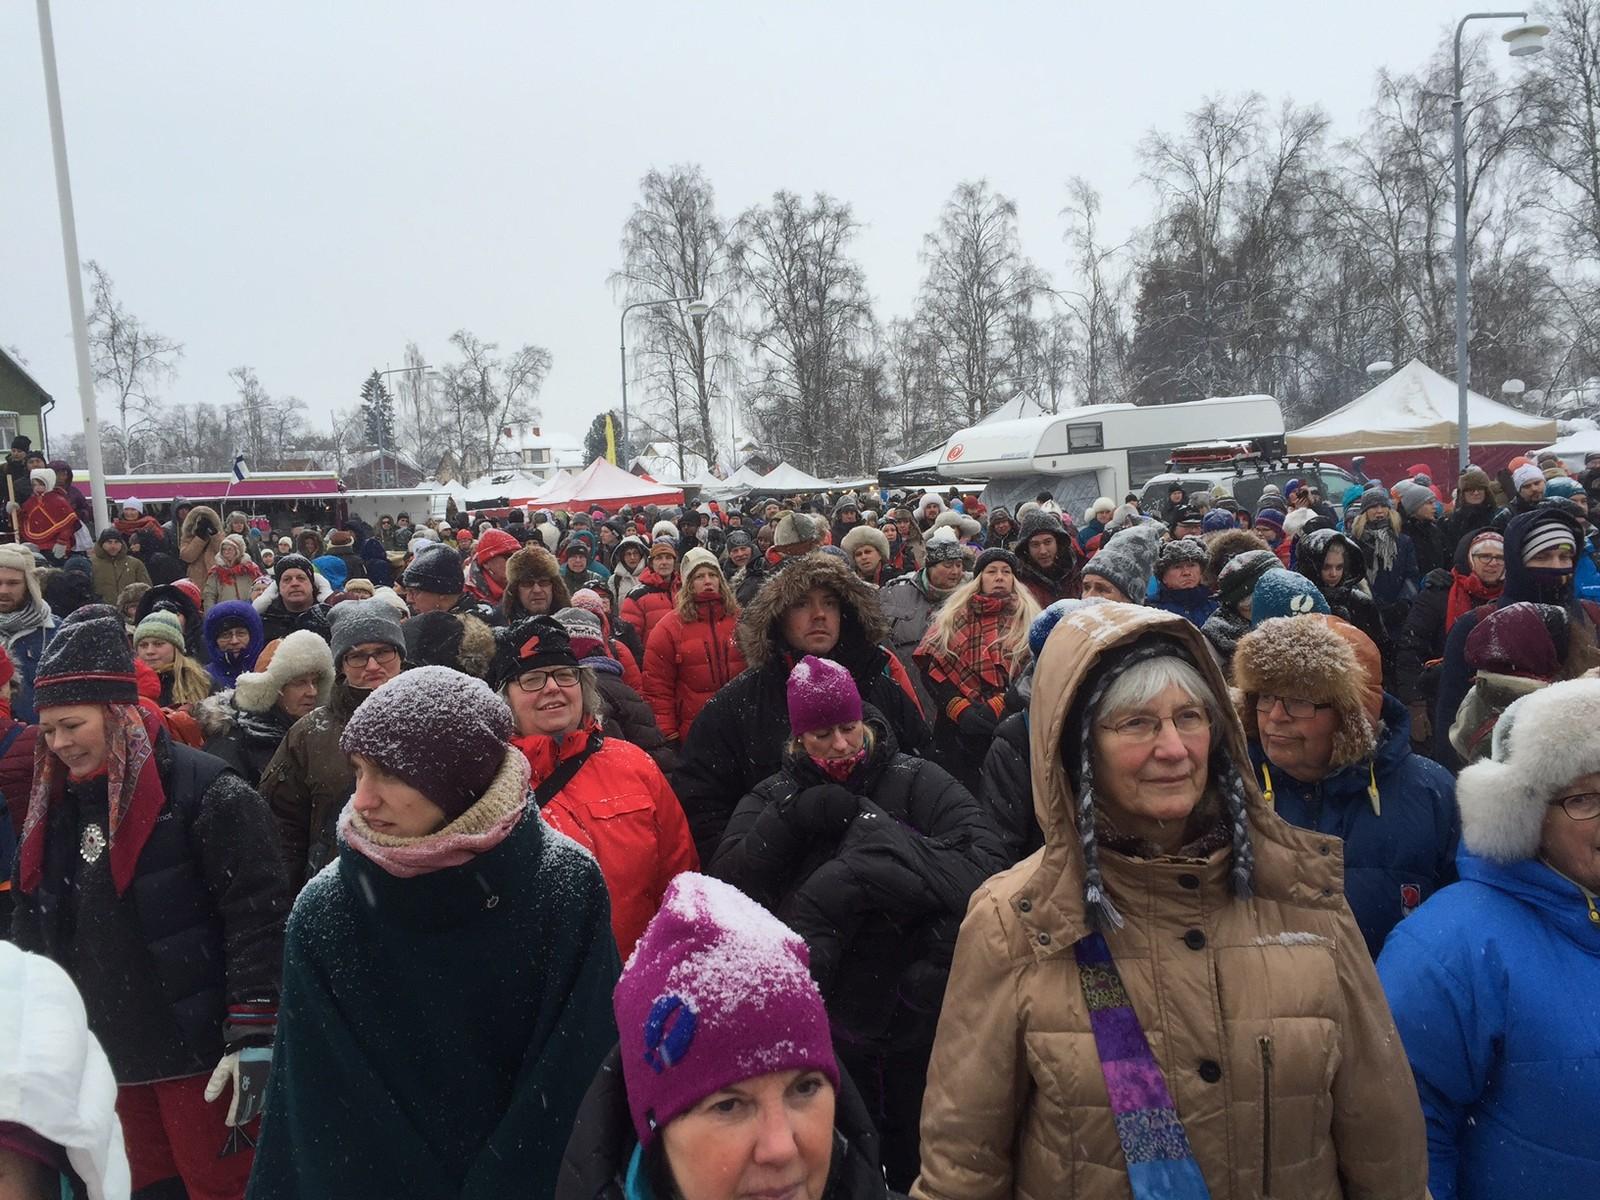 Det var flere hundre som feiret samenes nasjonaldag i Jokkmokk.